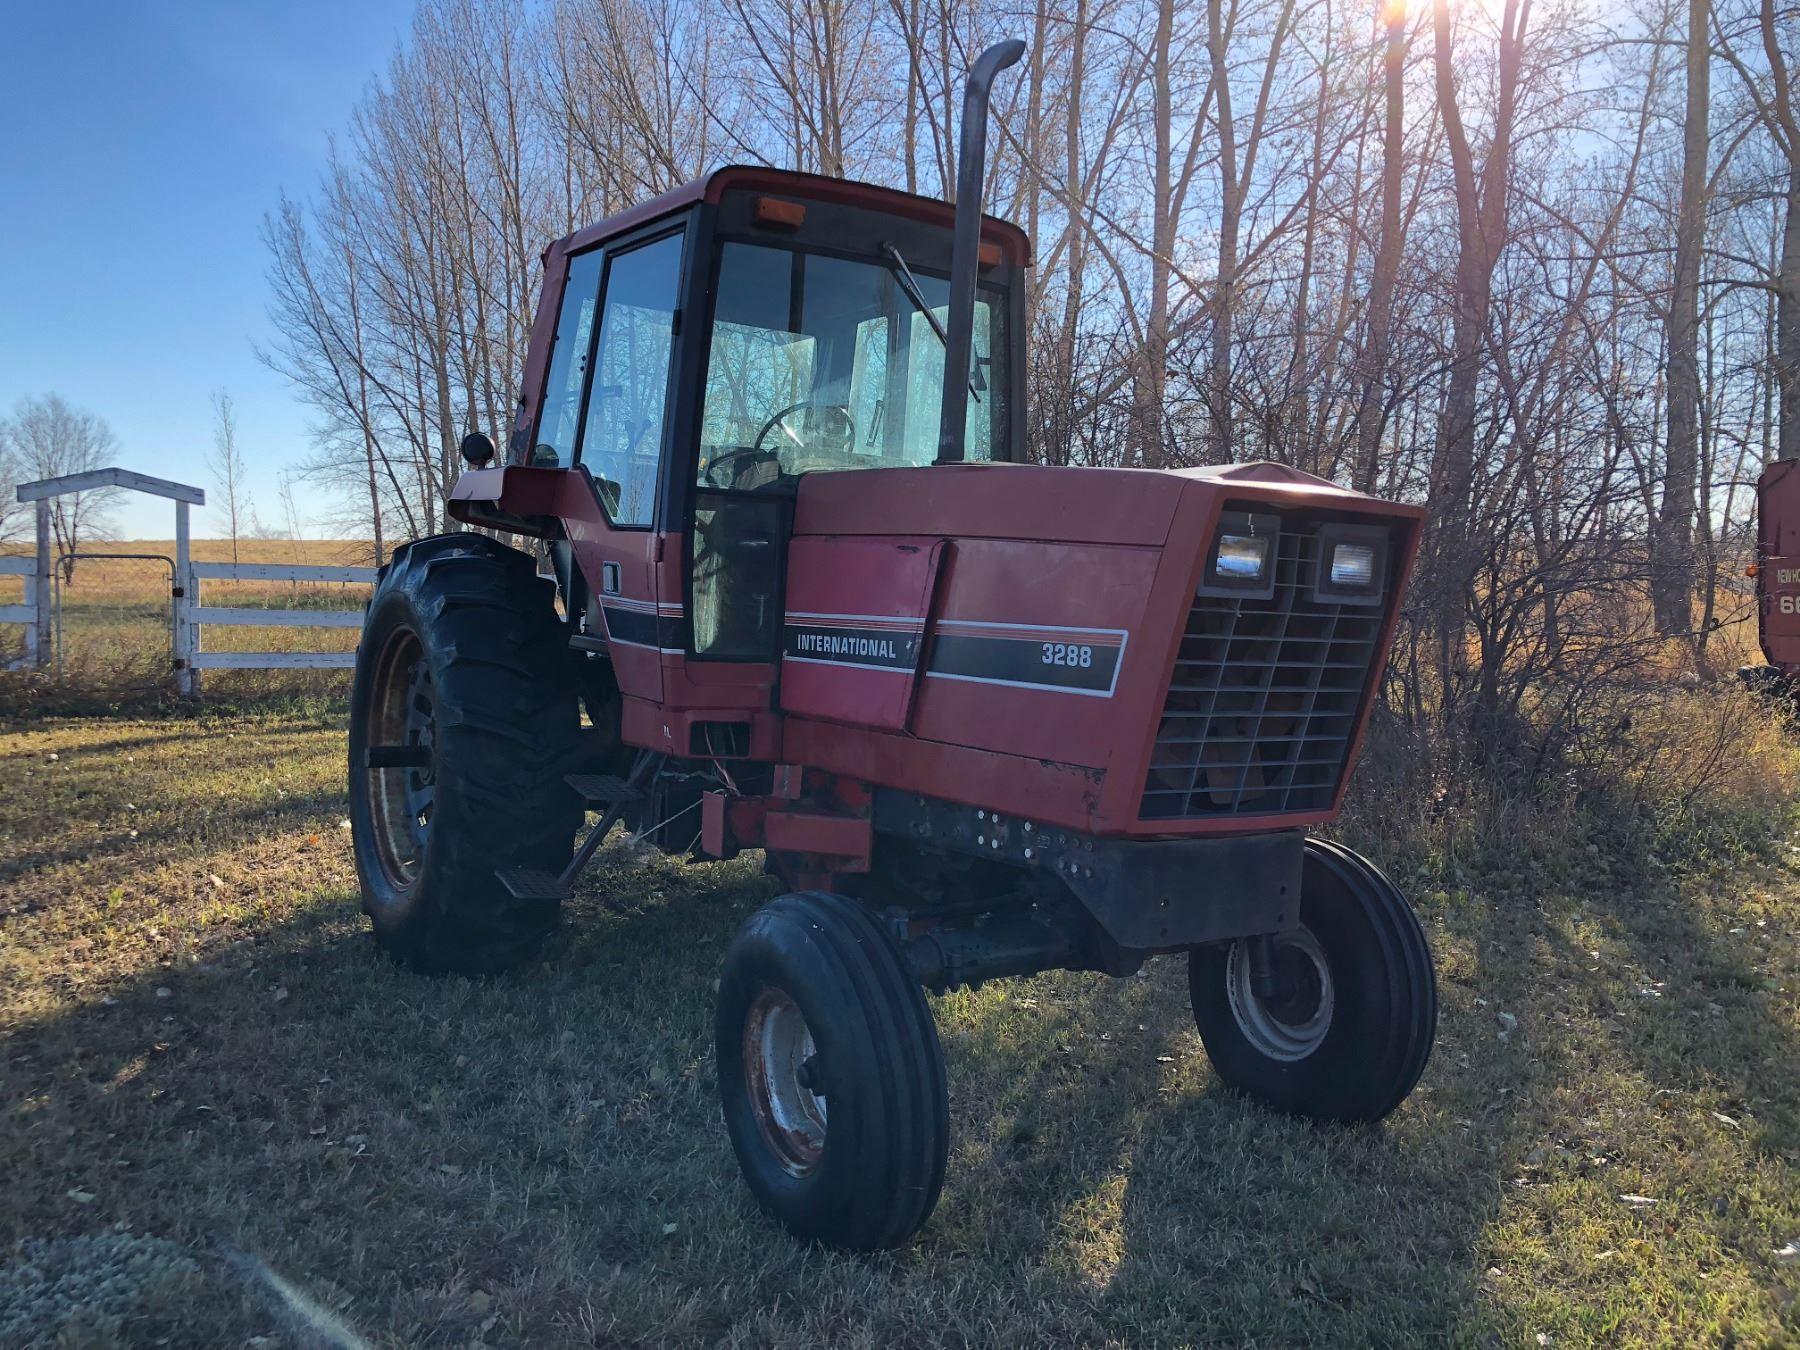 IH Model 3288 Diesel Tractor w/Cab, 18 4 x 38 - 540/1000 Dual P T O